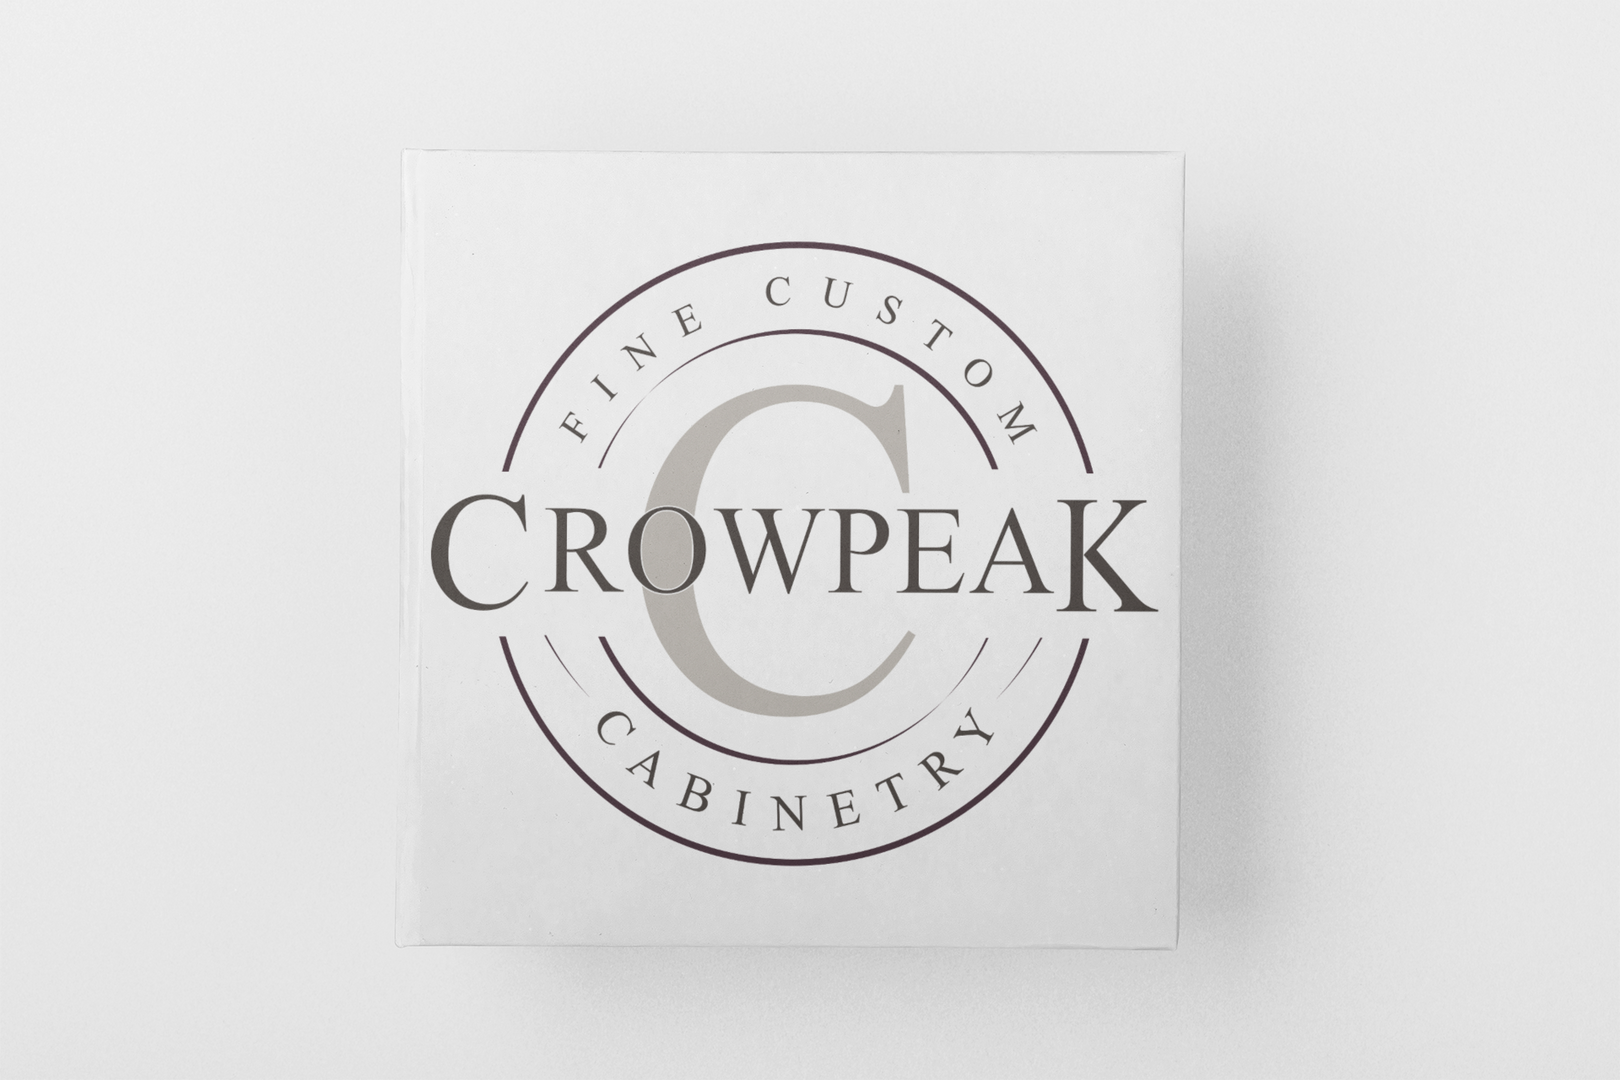 Crow Peak Cabinetry